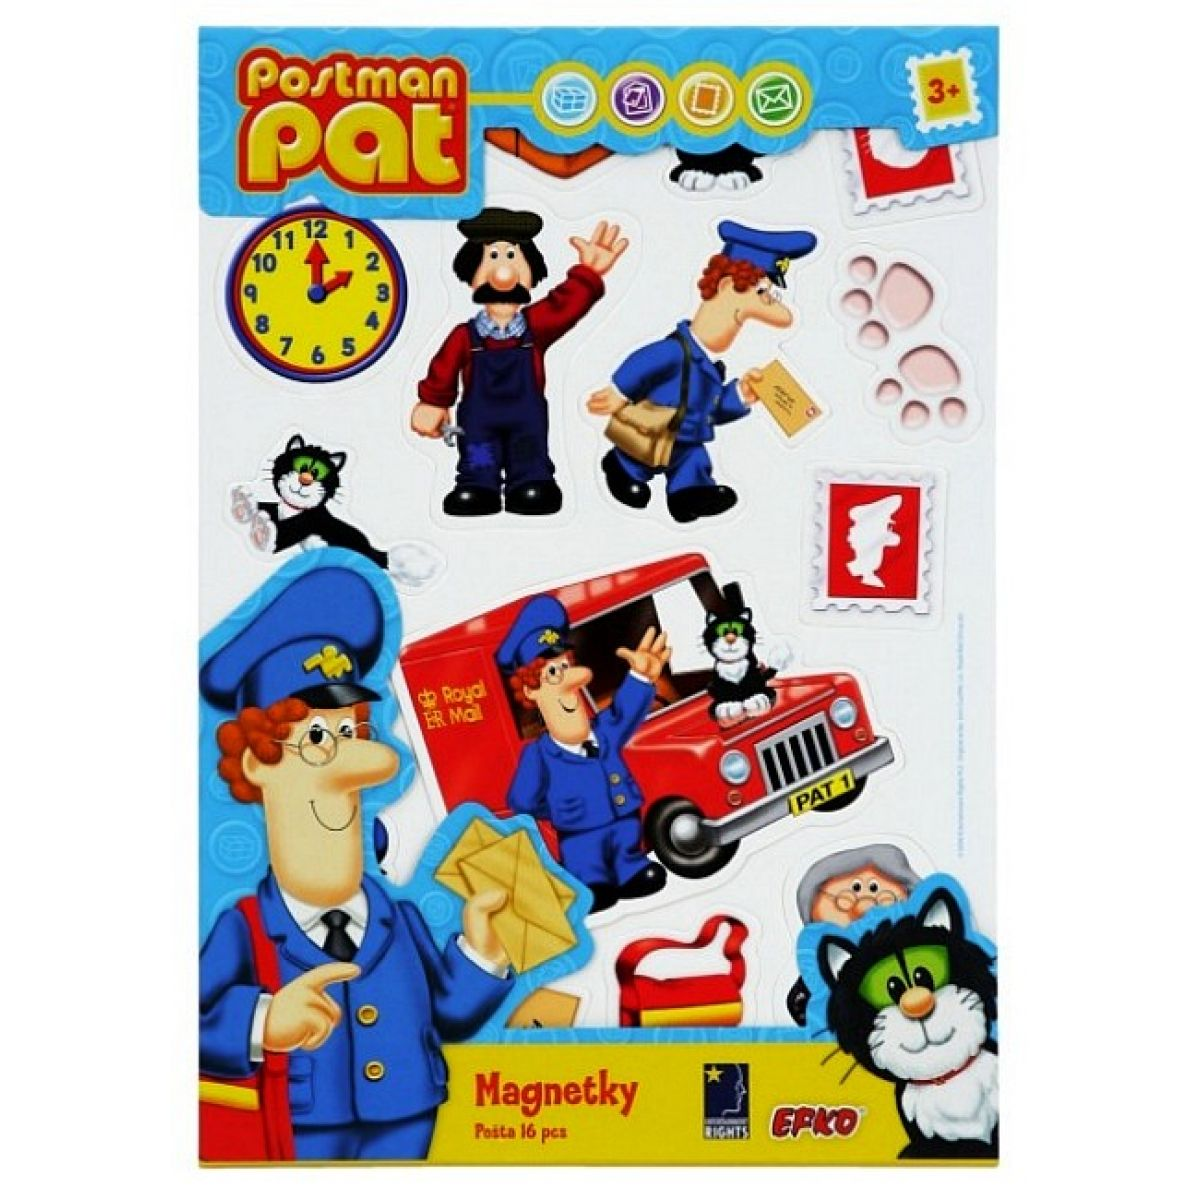 Magnetky PAT pošta